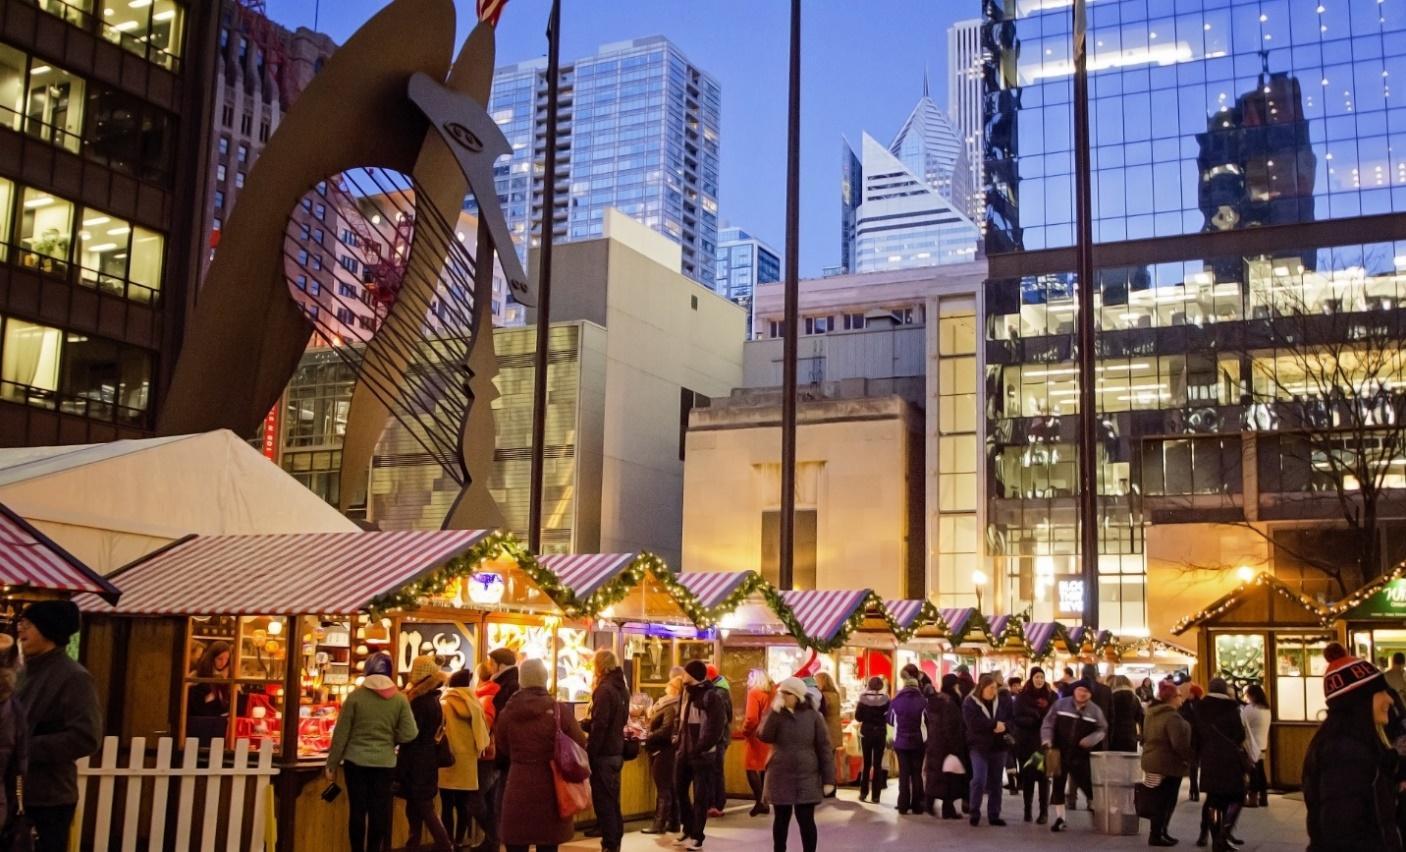 Bildergebnis für christmas market chicago